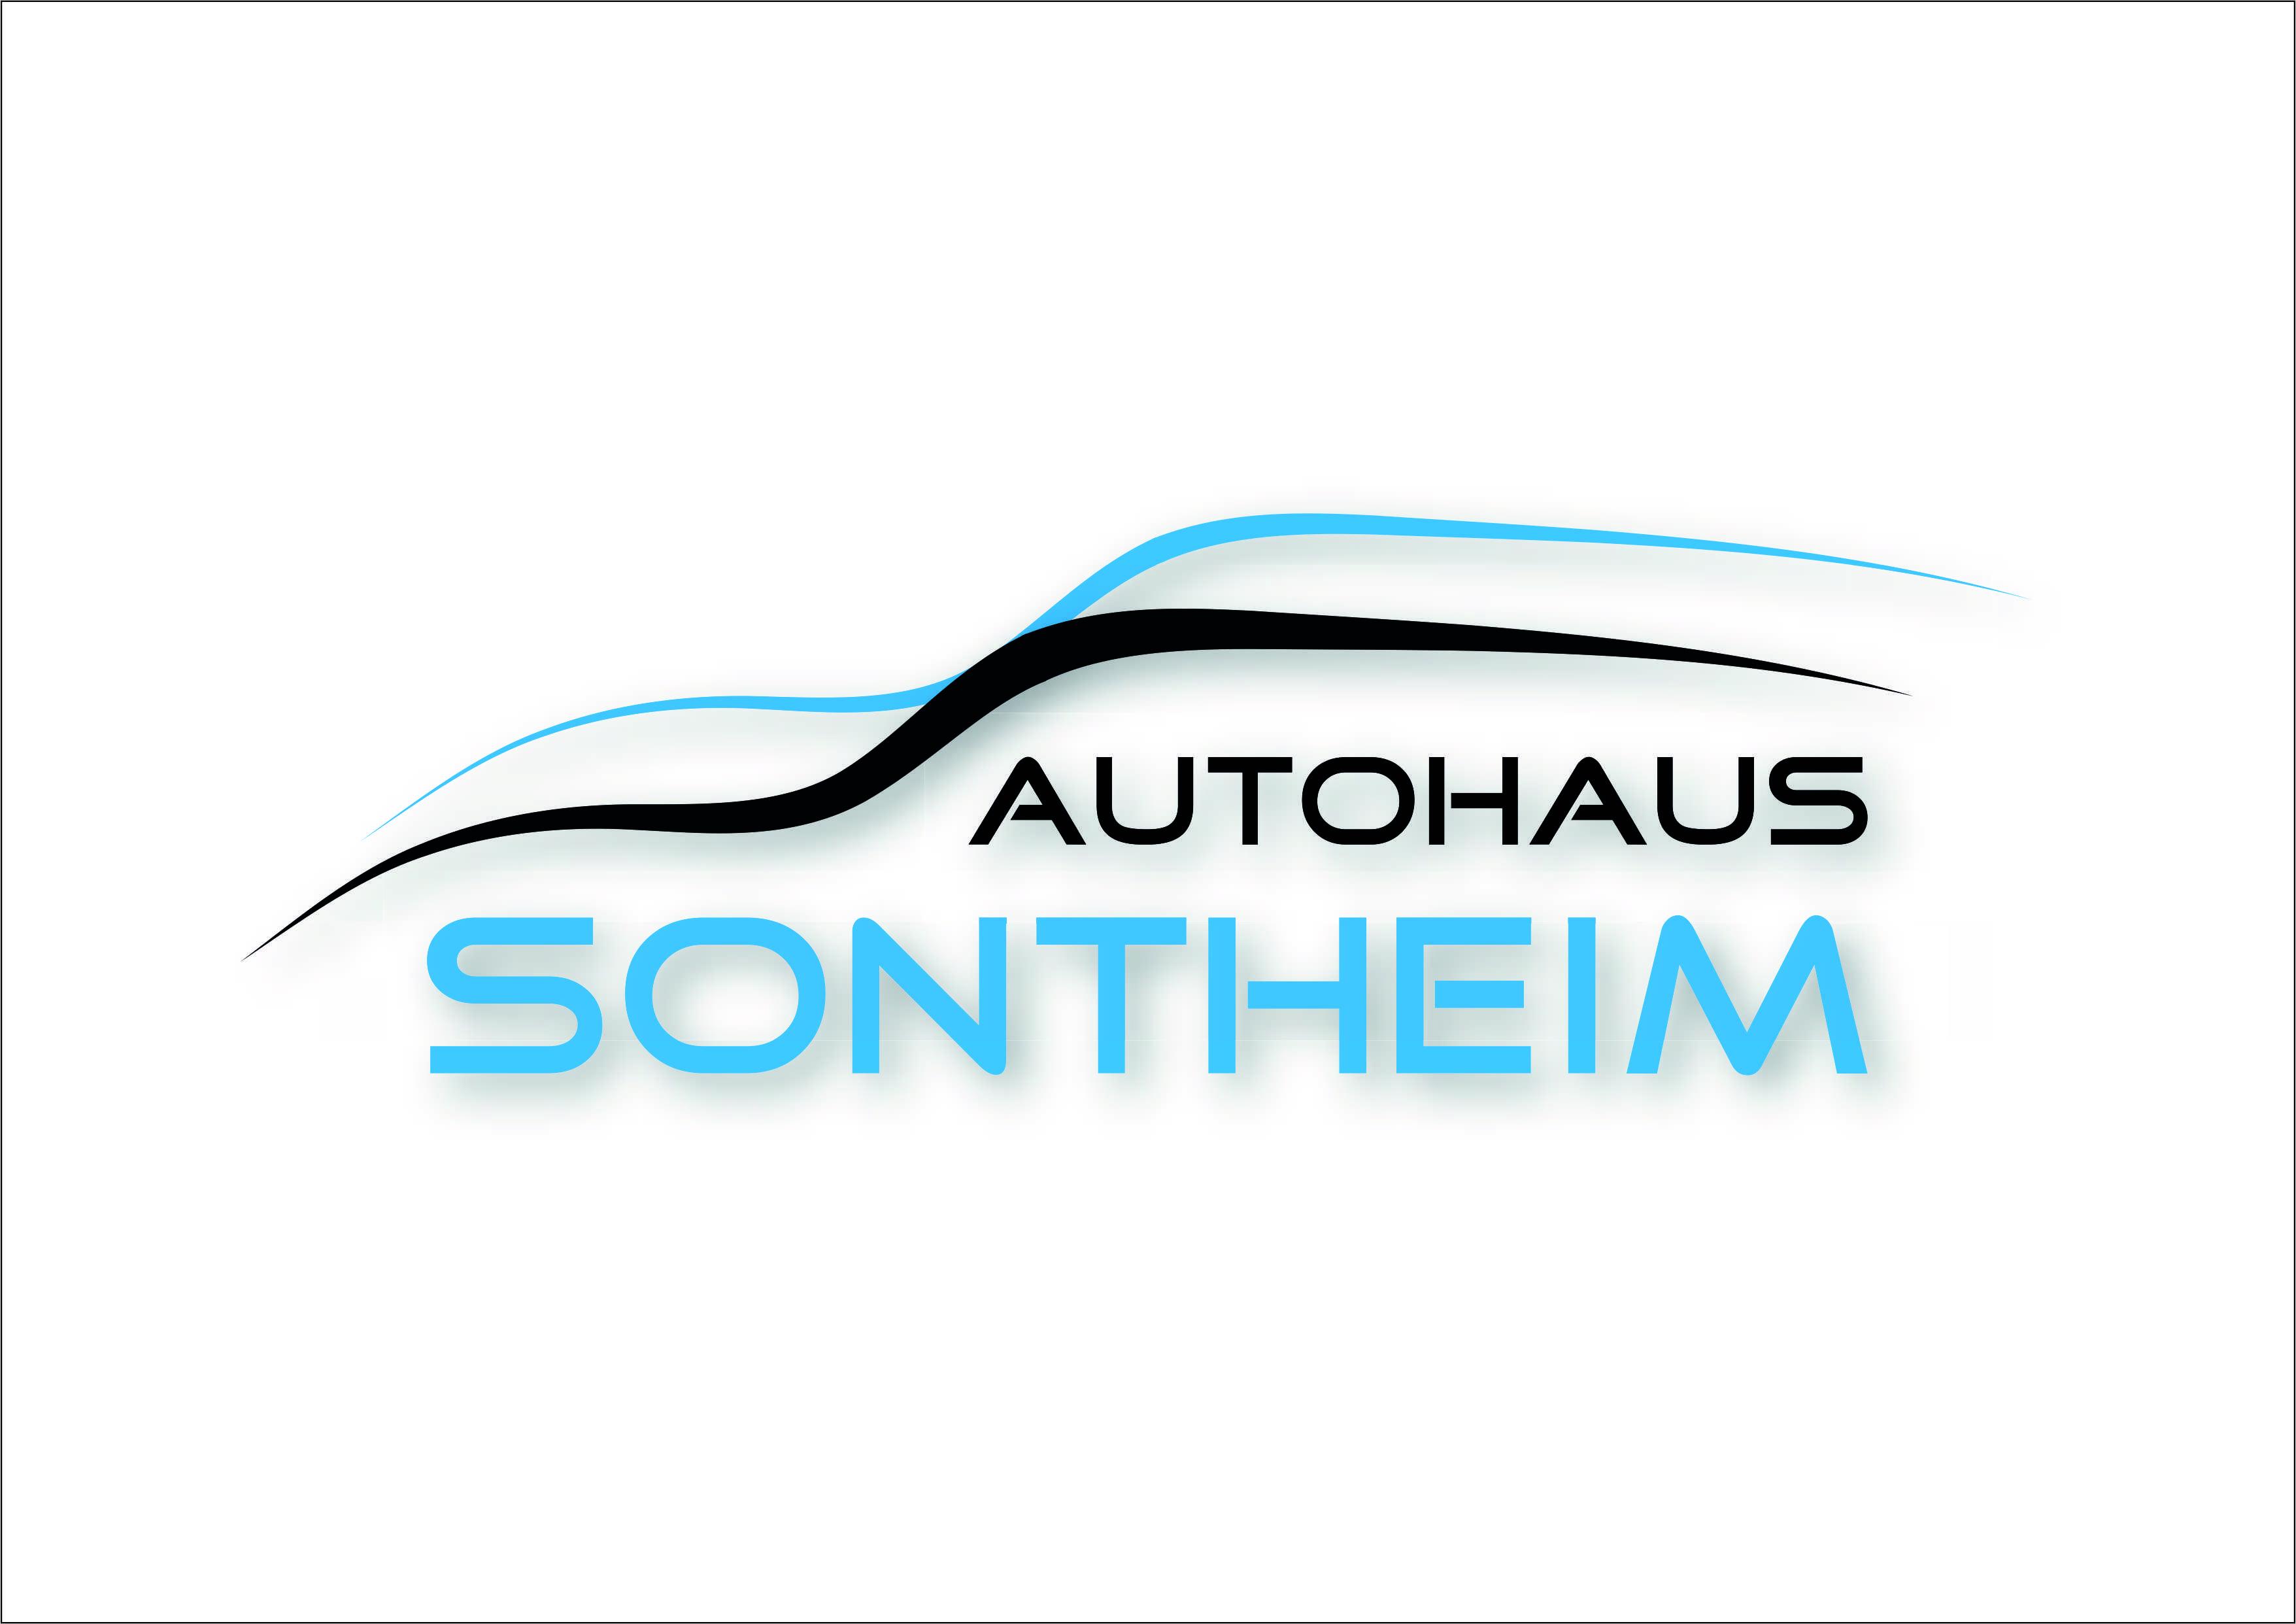 Autohaus Sontheim